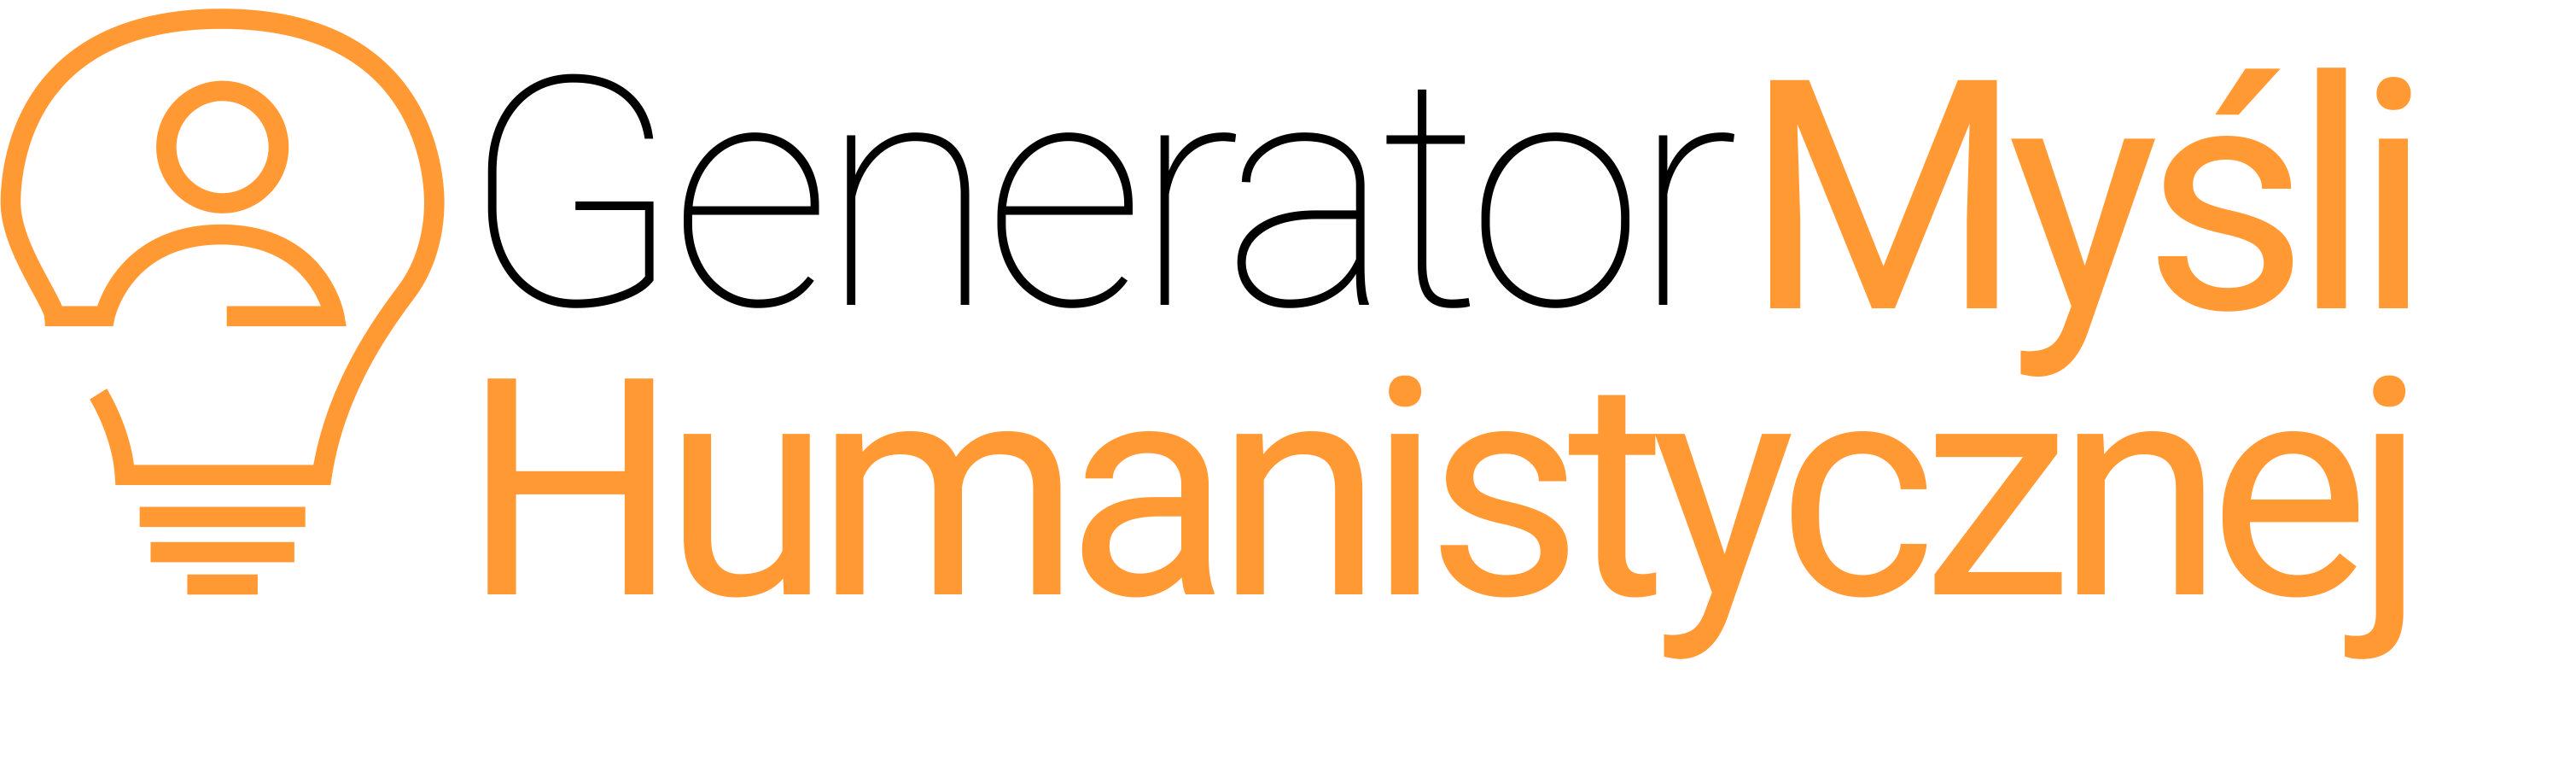 Generator Myśli Humanistycznej